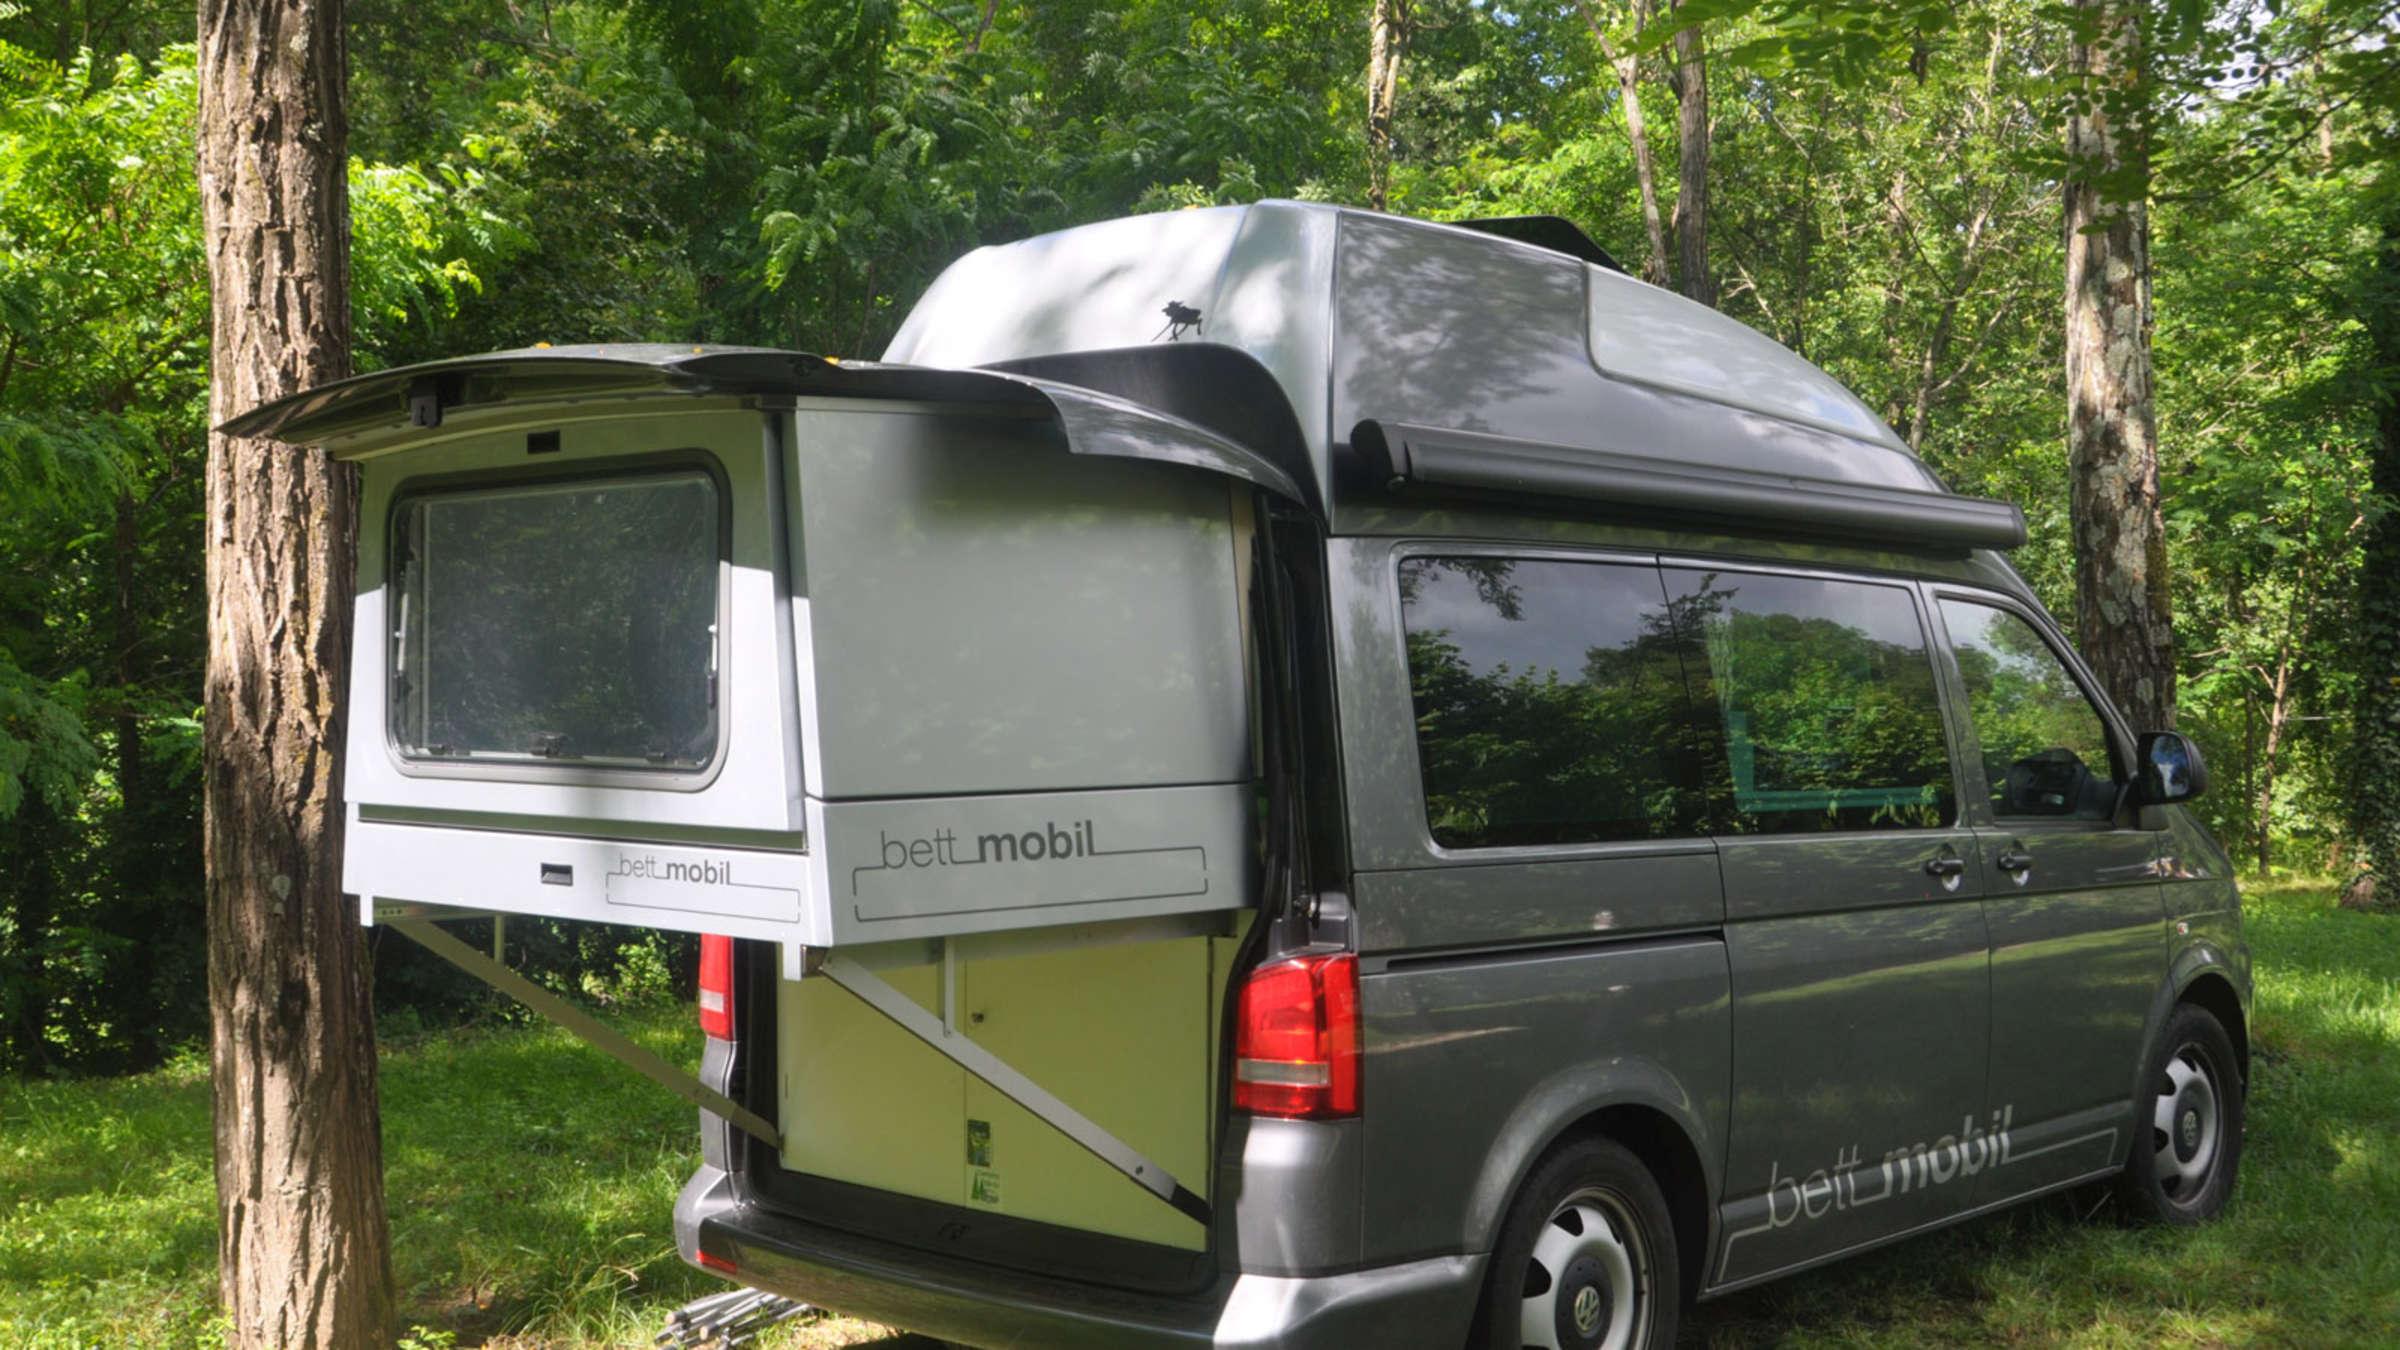 Full Size of Ausziehbett Camper Vw T5 Bett Mobil Von Hnle Auf Der Cmt 2015 Auto Mit Wohnzimmer Ausziehbett Camper